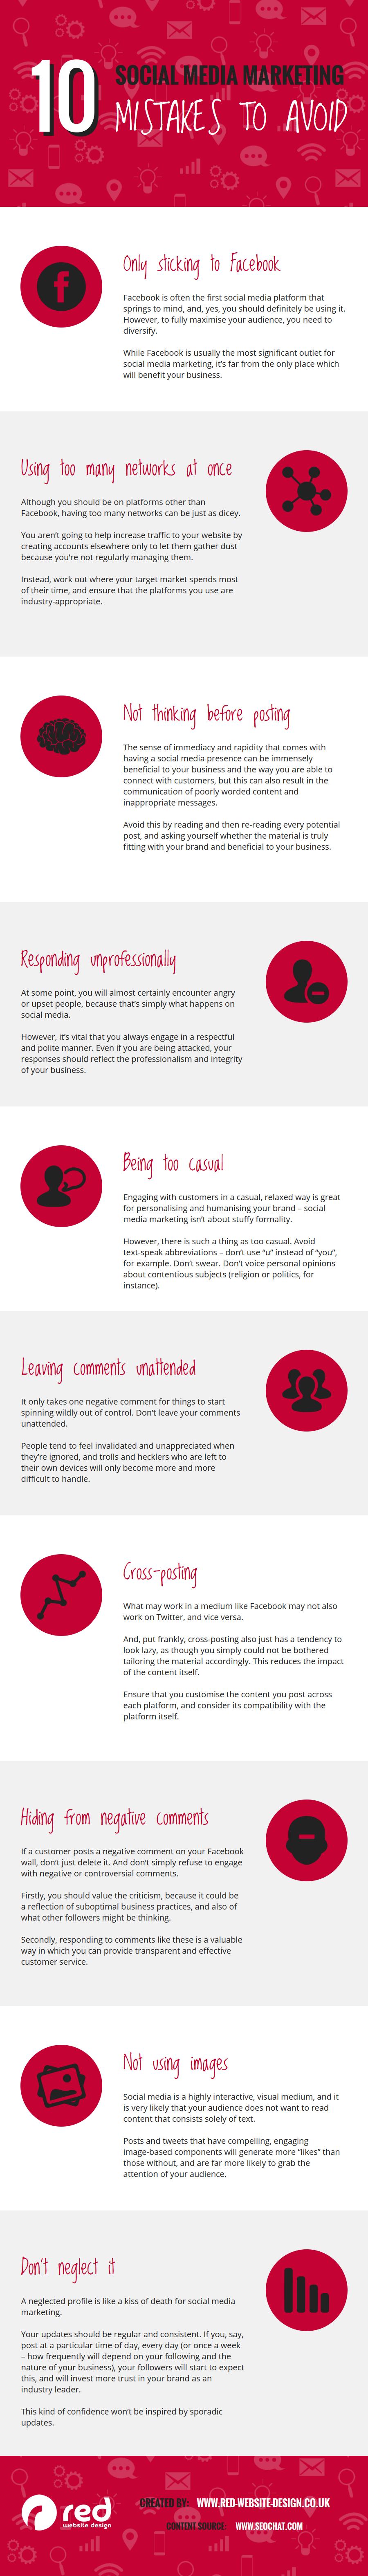 10-social-media-marketing-mistakes-to-avoid